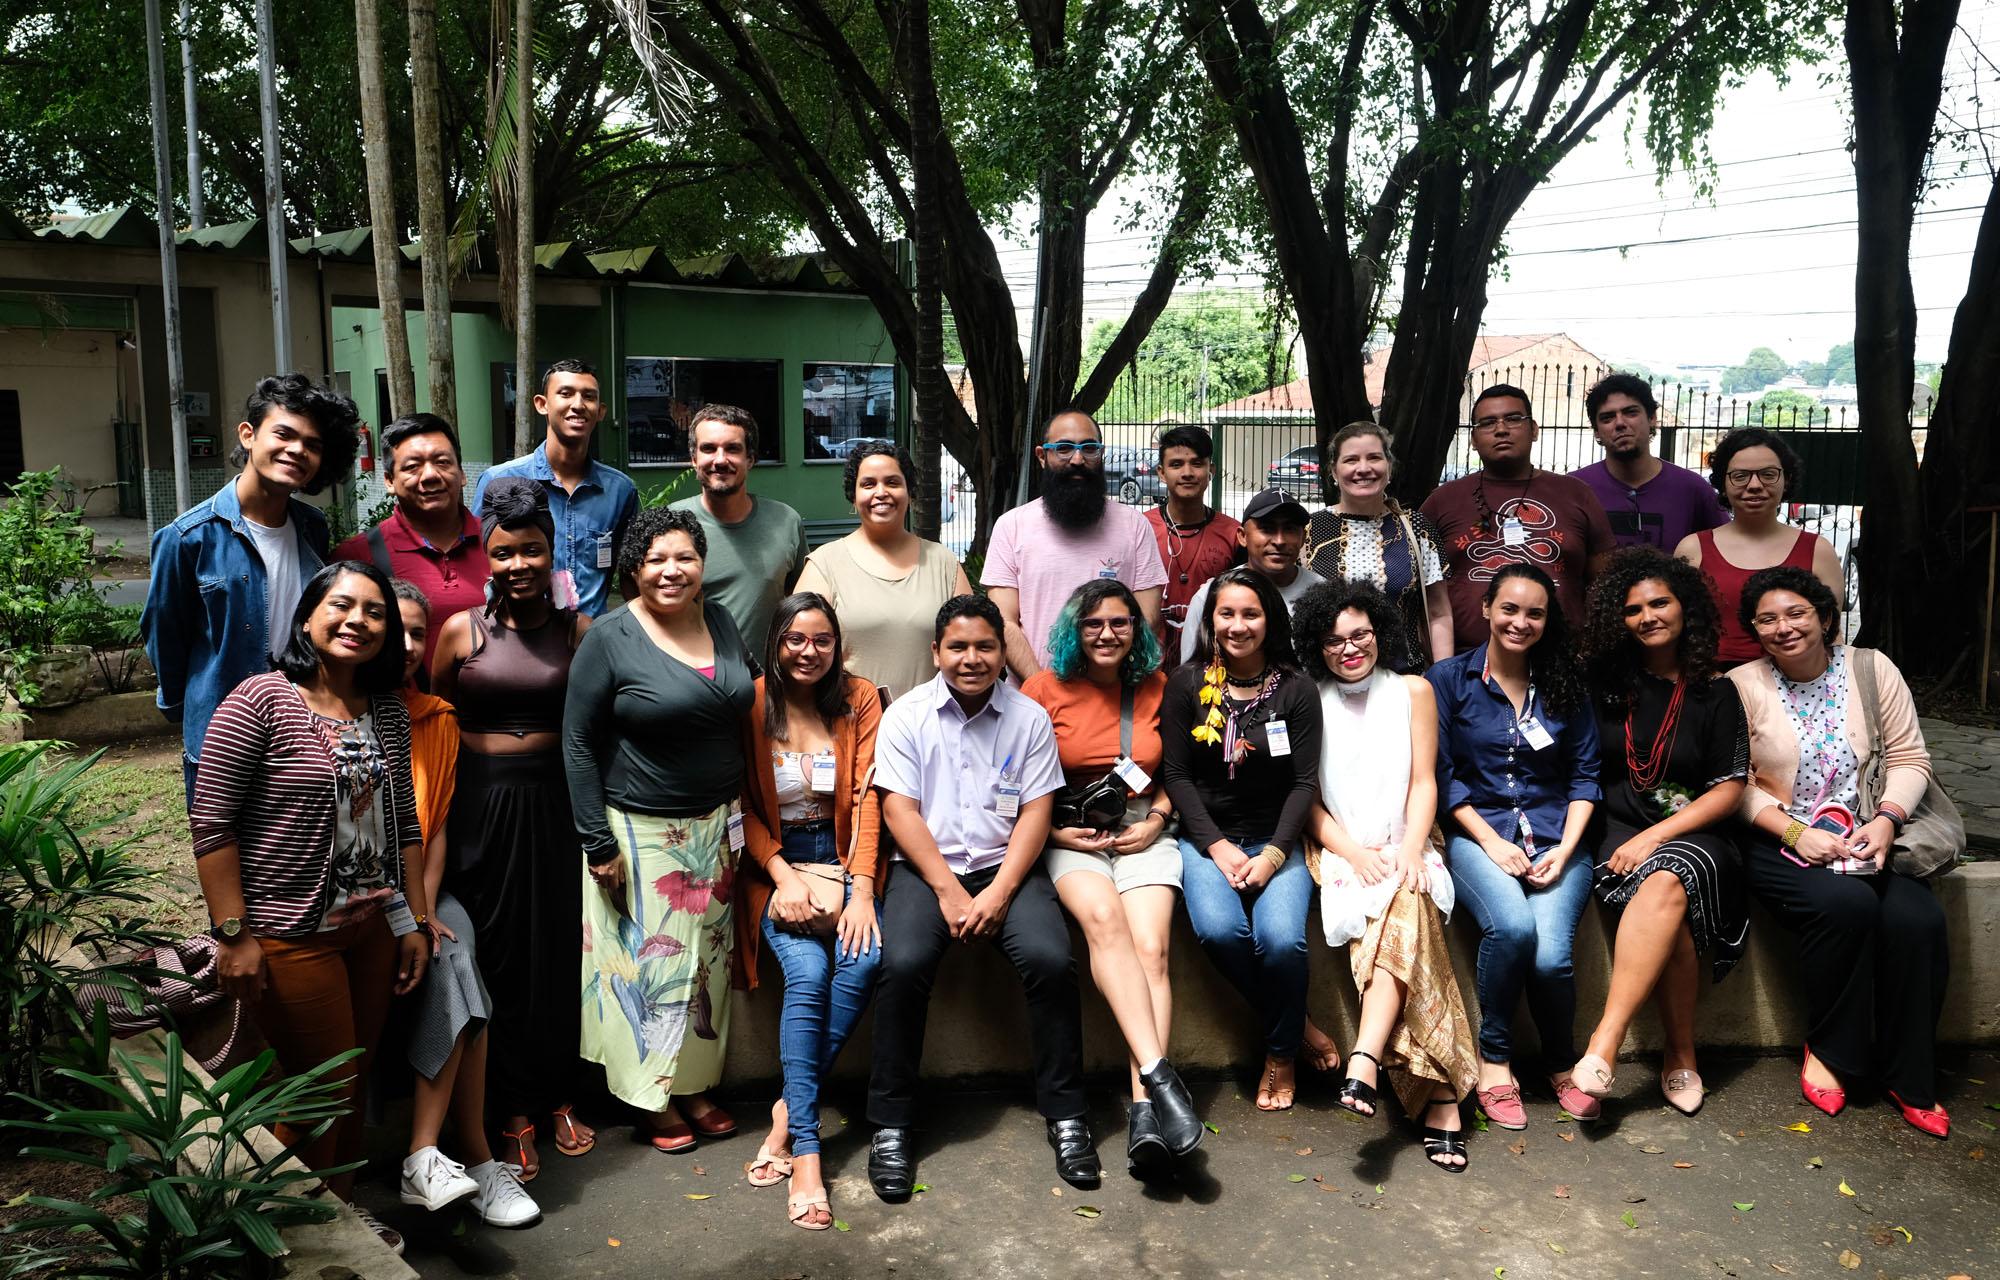 Artigo 19 realiza encontro sobre internet, direitos e comunicação, em Manaus